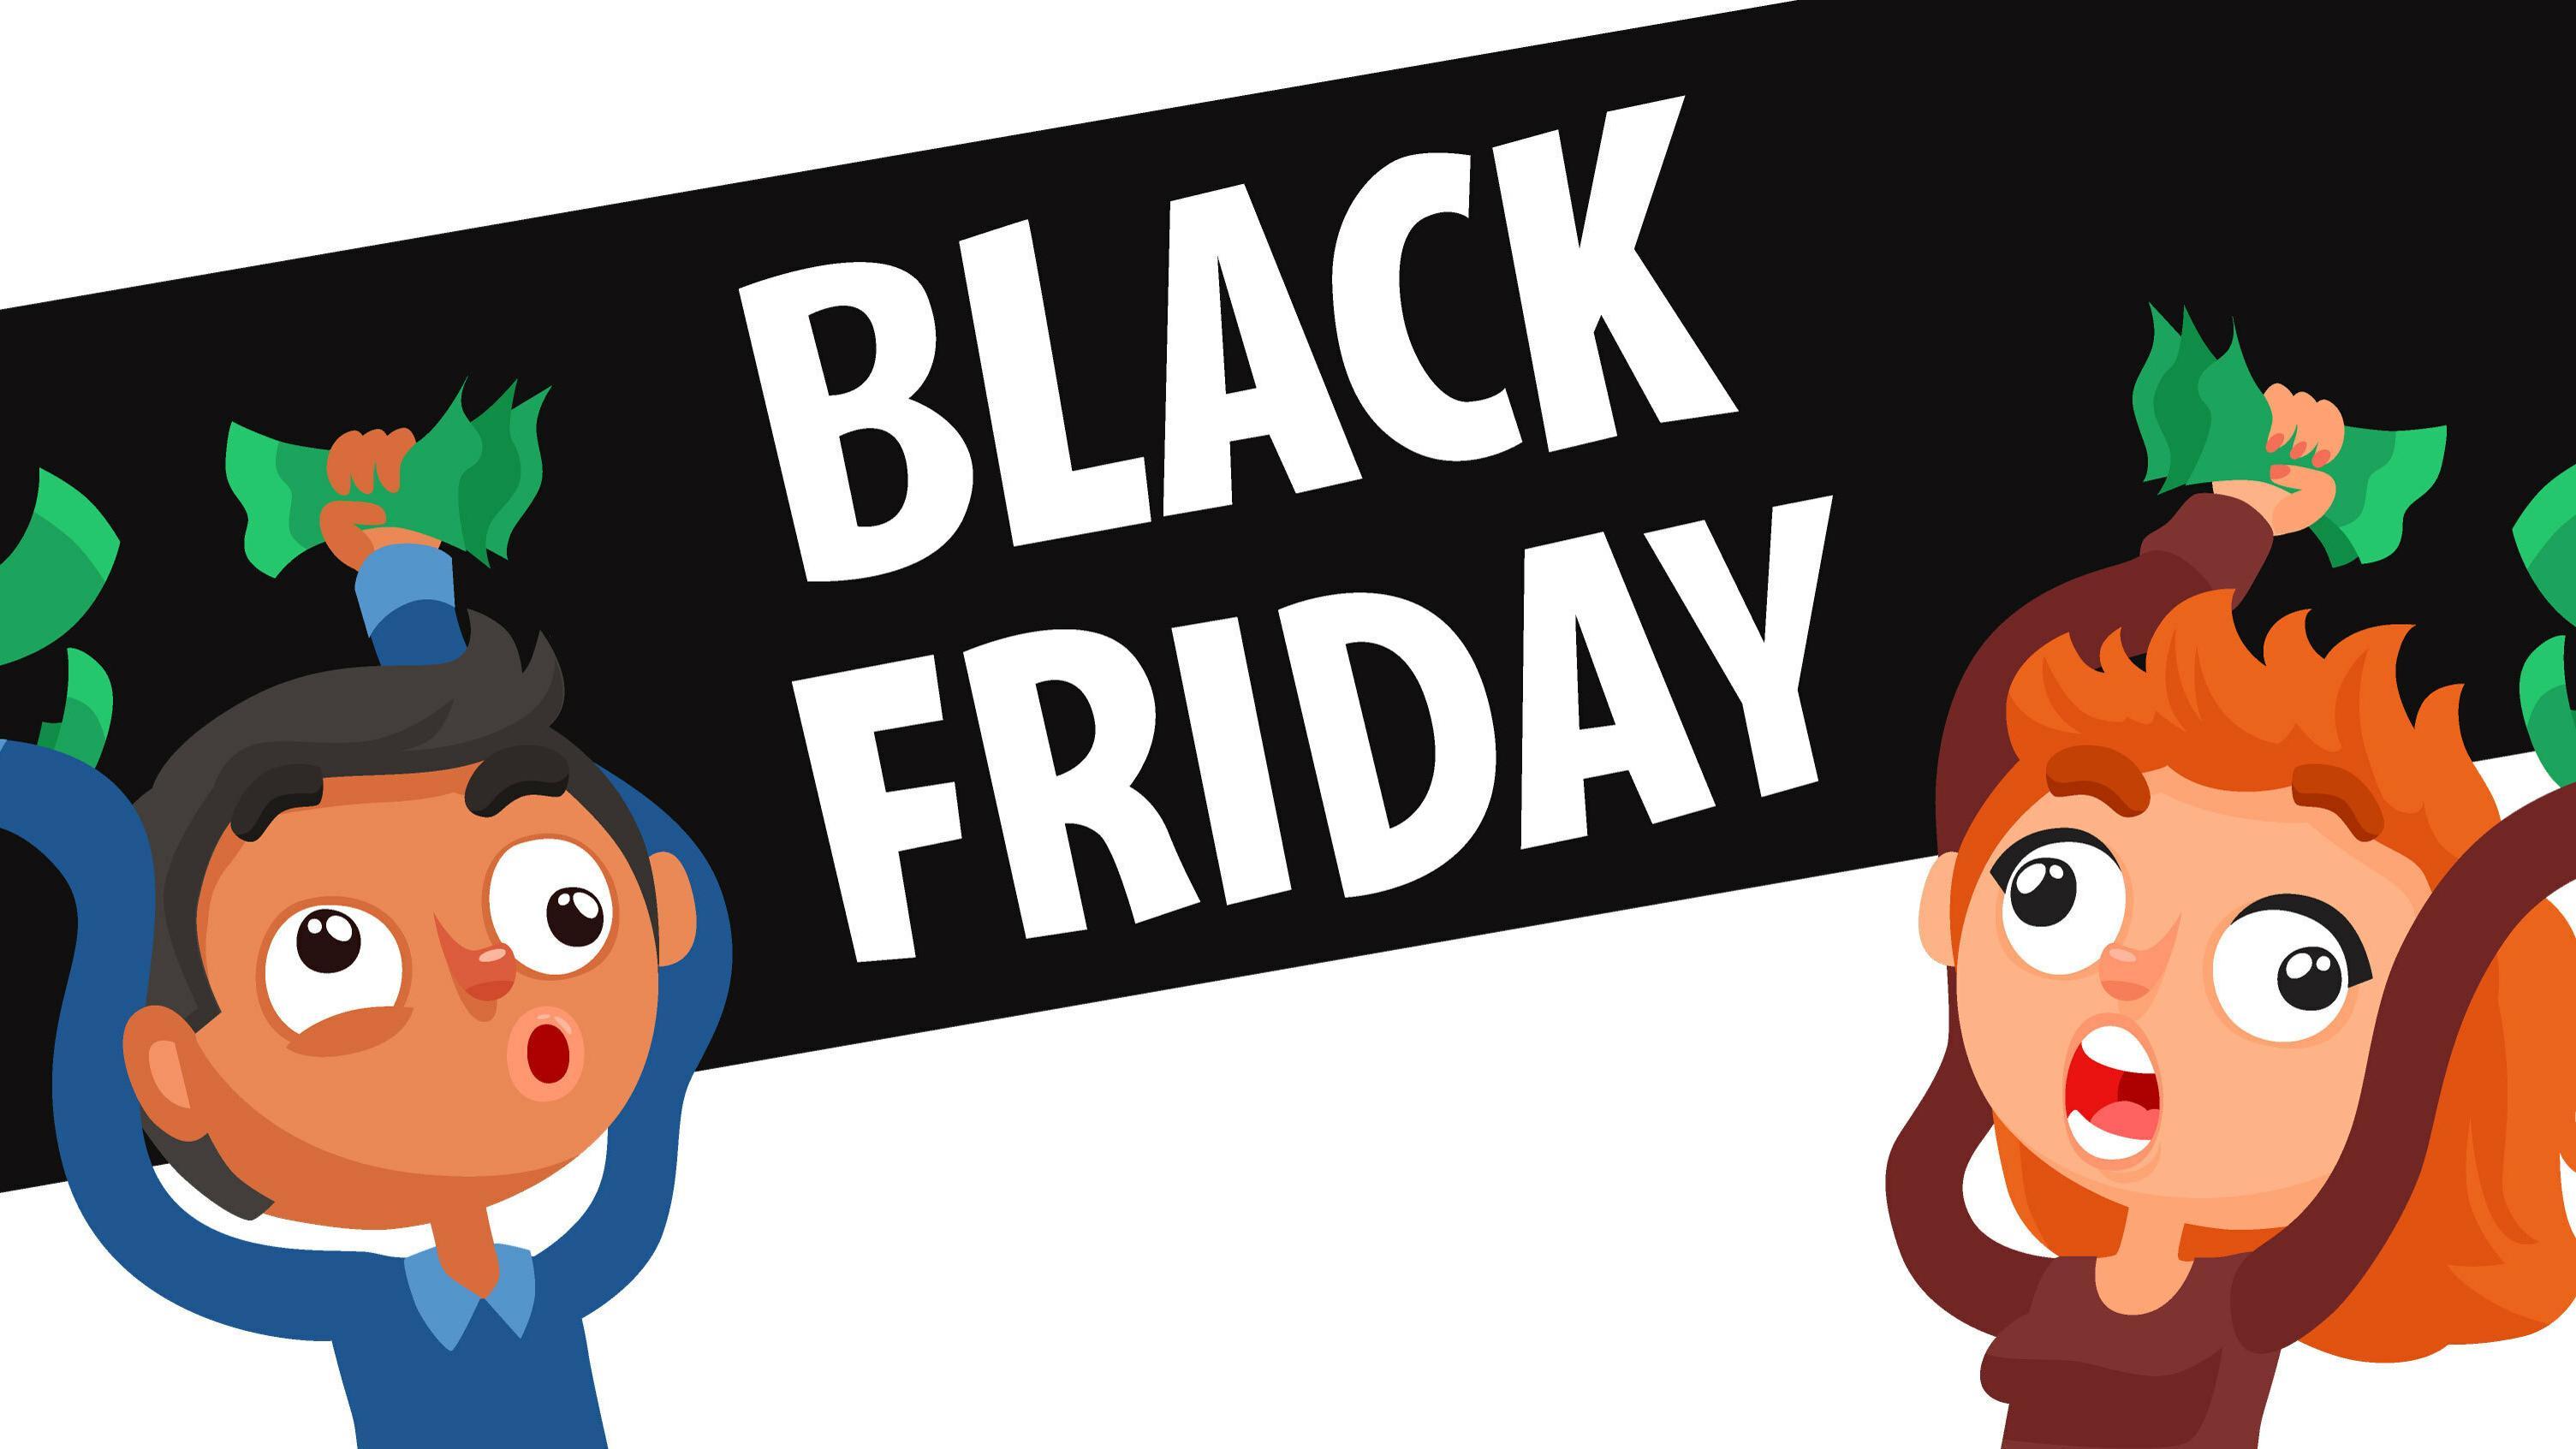 Black Friday Sciema Czy Nie Sciema Oto Na Czym Oszczedzila Nasza Redakcja